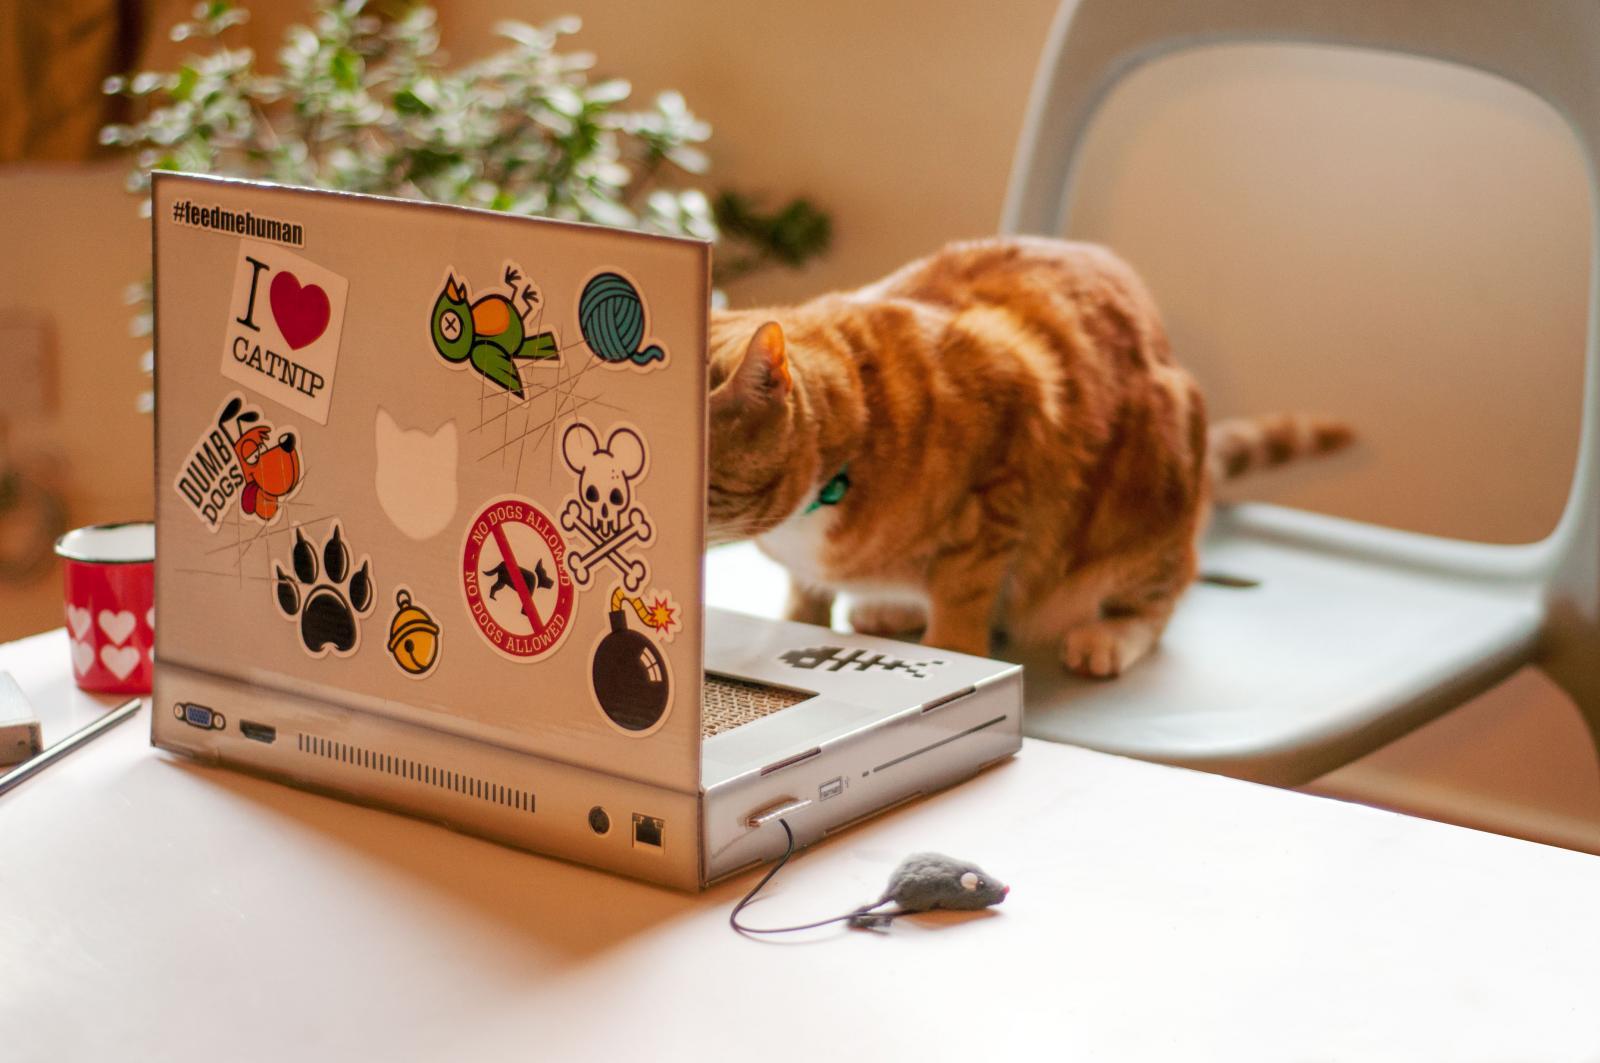 ordinateur chat grattoir